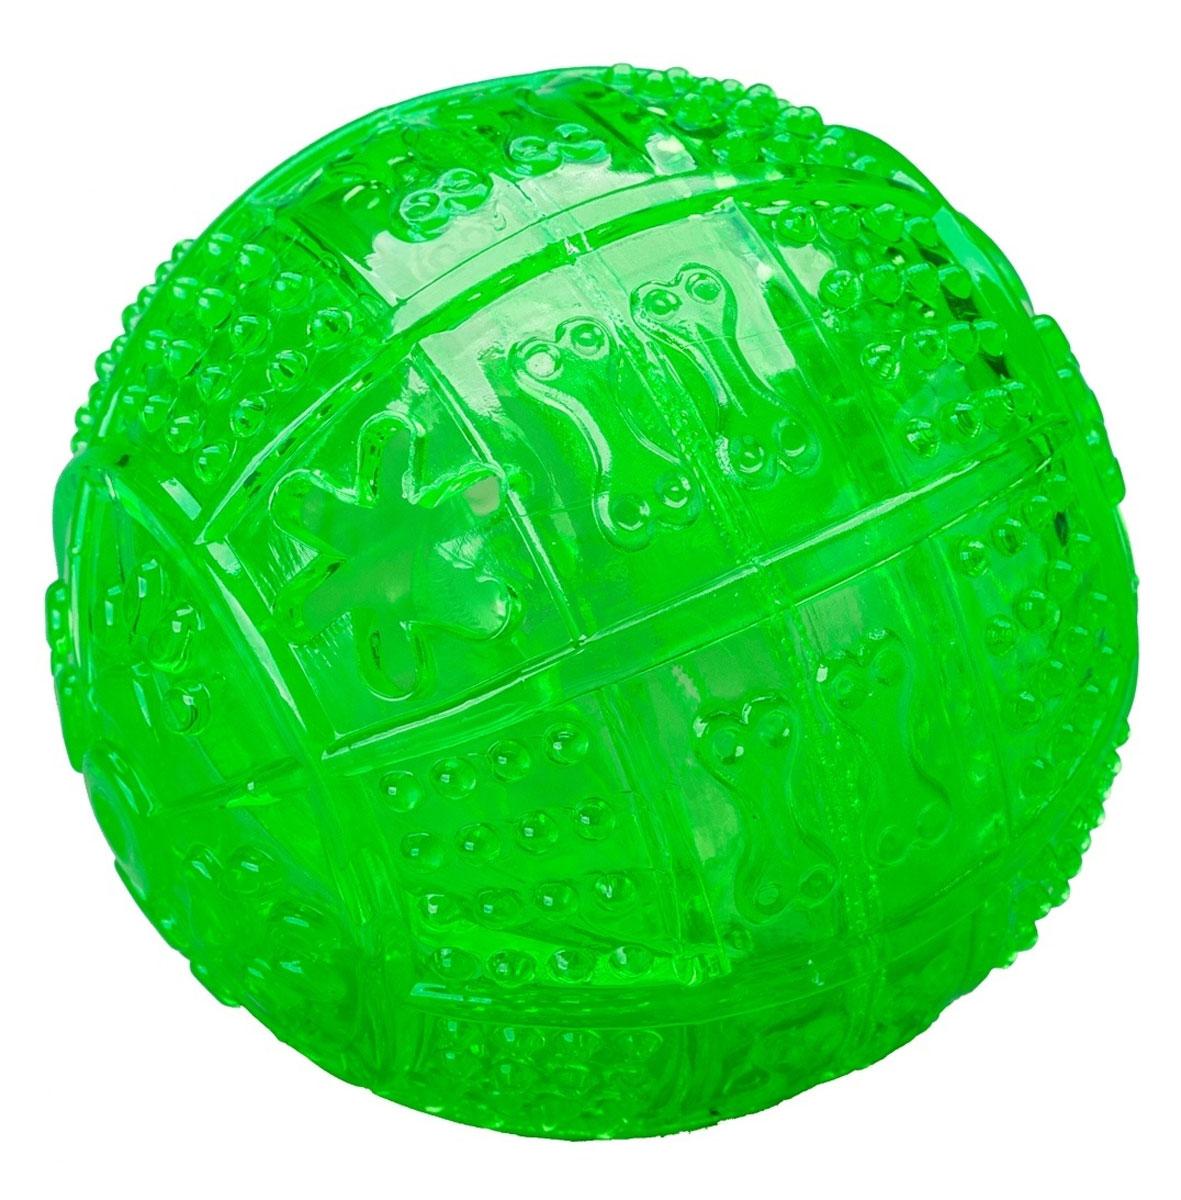 Игрушка для собак Pet Supplies Toby's Choice, цвет: зеленый, диаметр 8,2 см0120710Игрушка для собак Pet Supplies Toby's Choice выполнена из резины в виде мяча. Она надолго займет вашего любимца, избавив его от скуки. Игрушка позволяет равномерно распределить угощение и корм за счет лабиринта внутри, поэтому лакомства достанутся питомцу не так быстро, и это продлит его игру.Диаметр игрушки: 8,2 см.